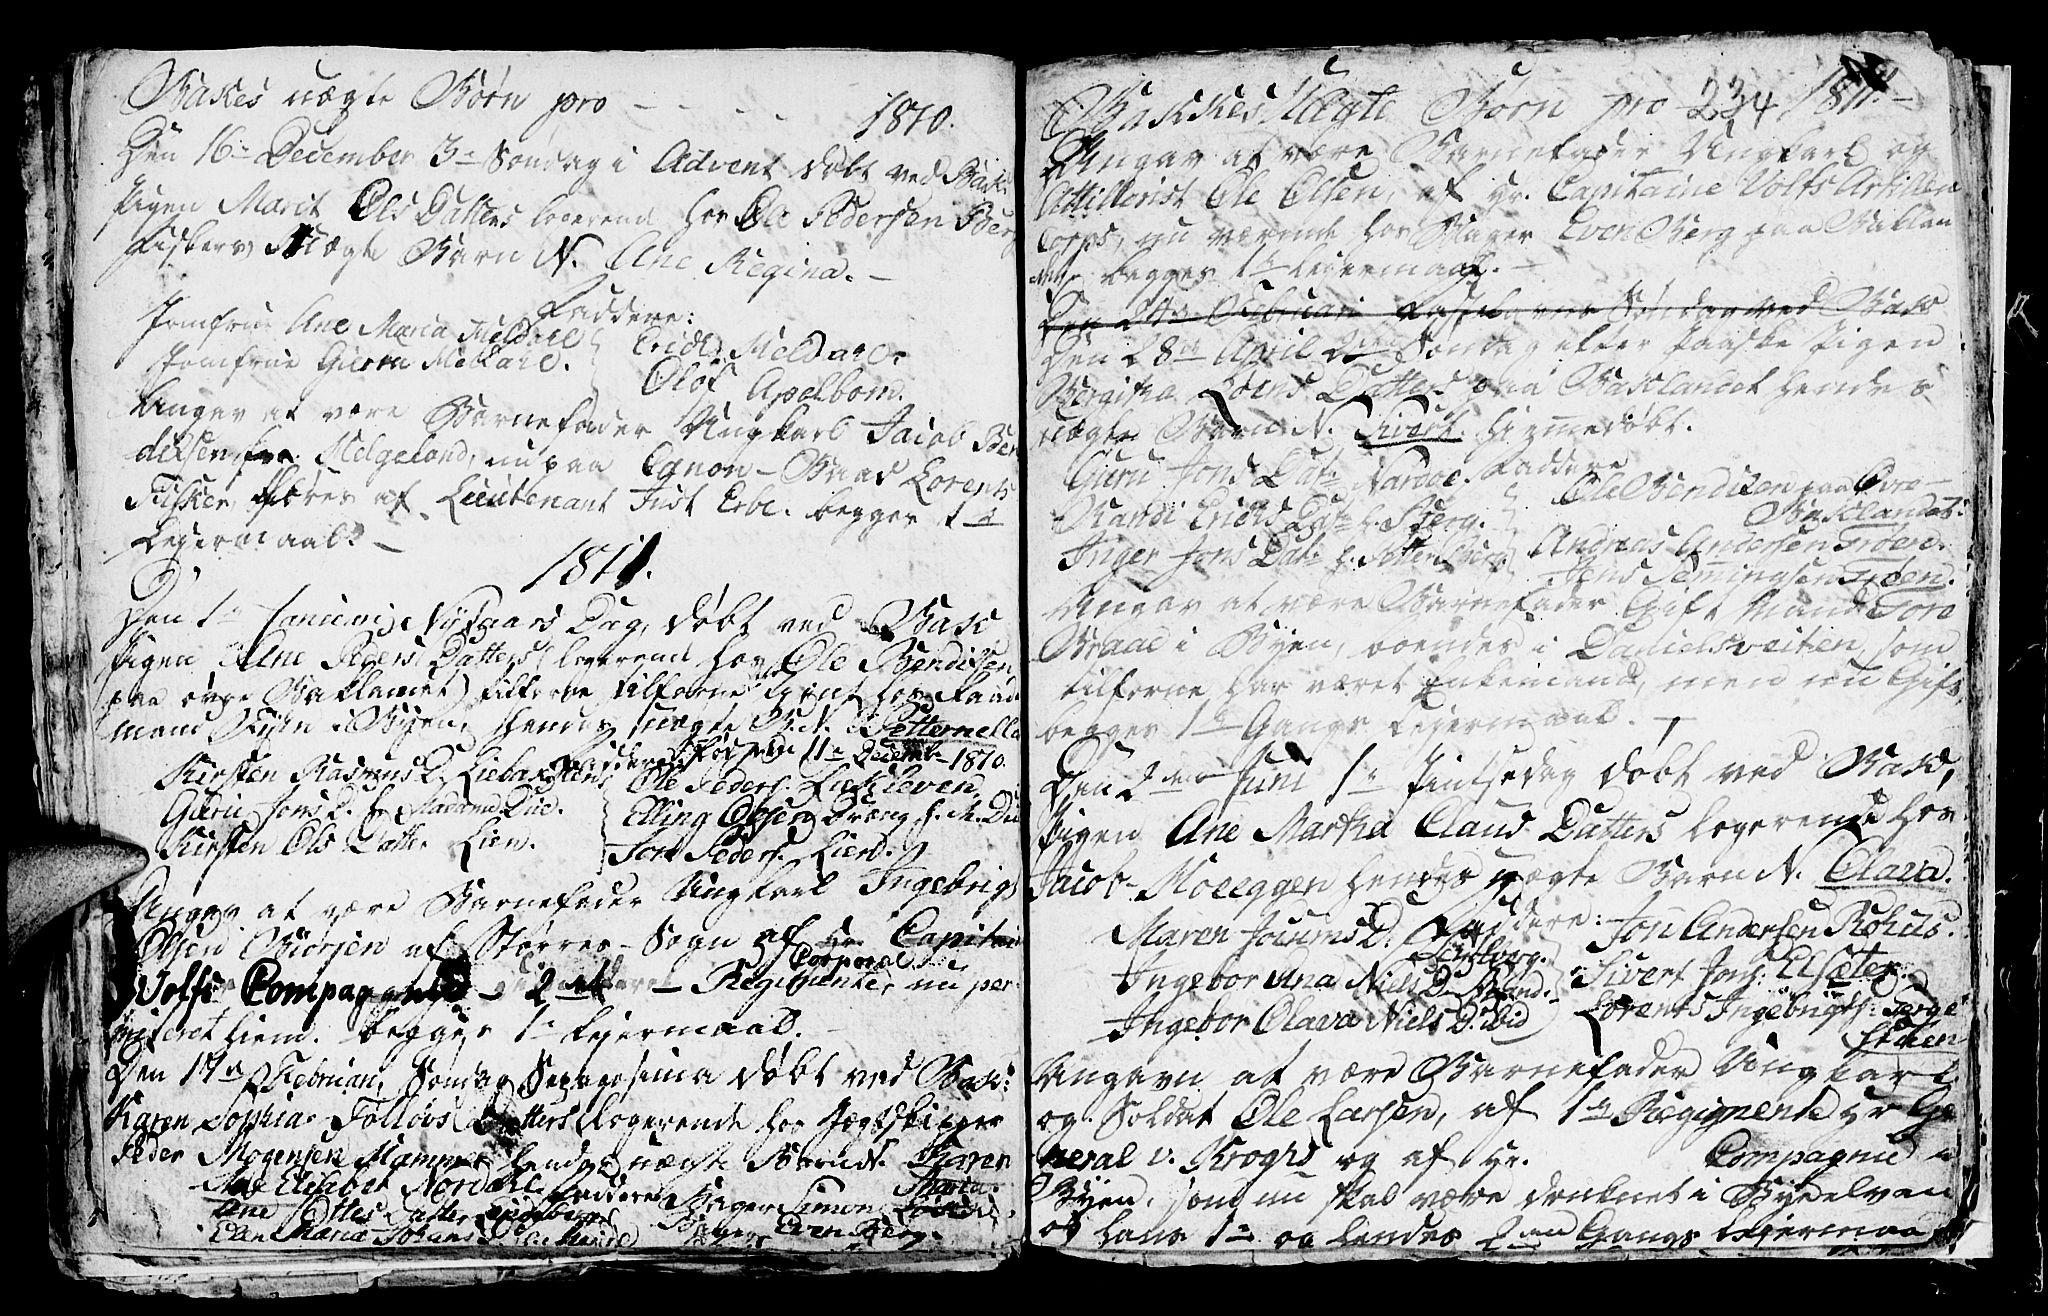 SAT, Ministerialprotokoller, klokkerbøker og fødselsregistre - Sør-Trøndelag, 604/L0218: Klokkerbok nr. 604C01, 1754-1819, s. 234